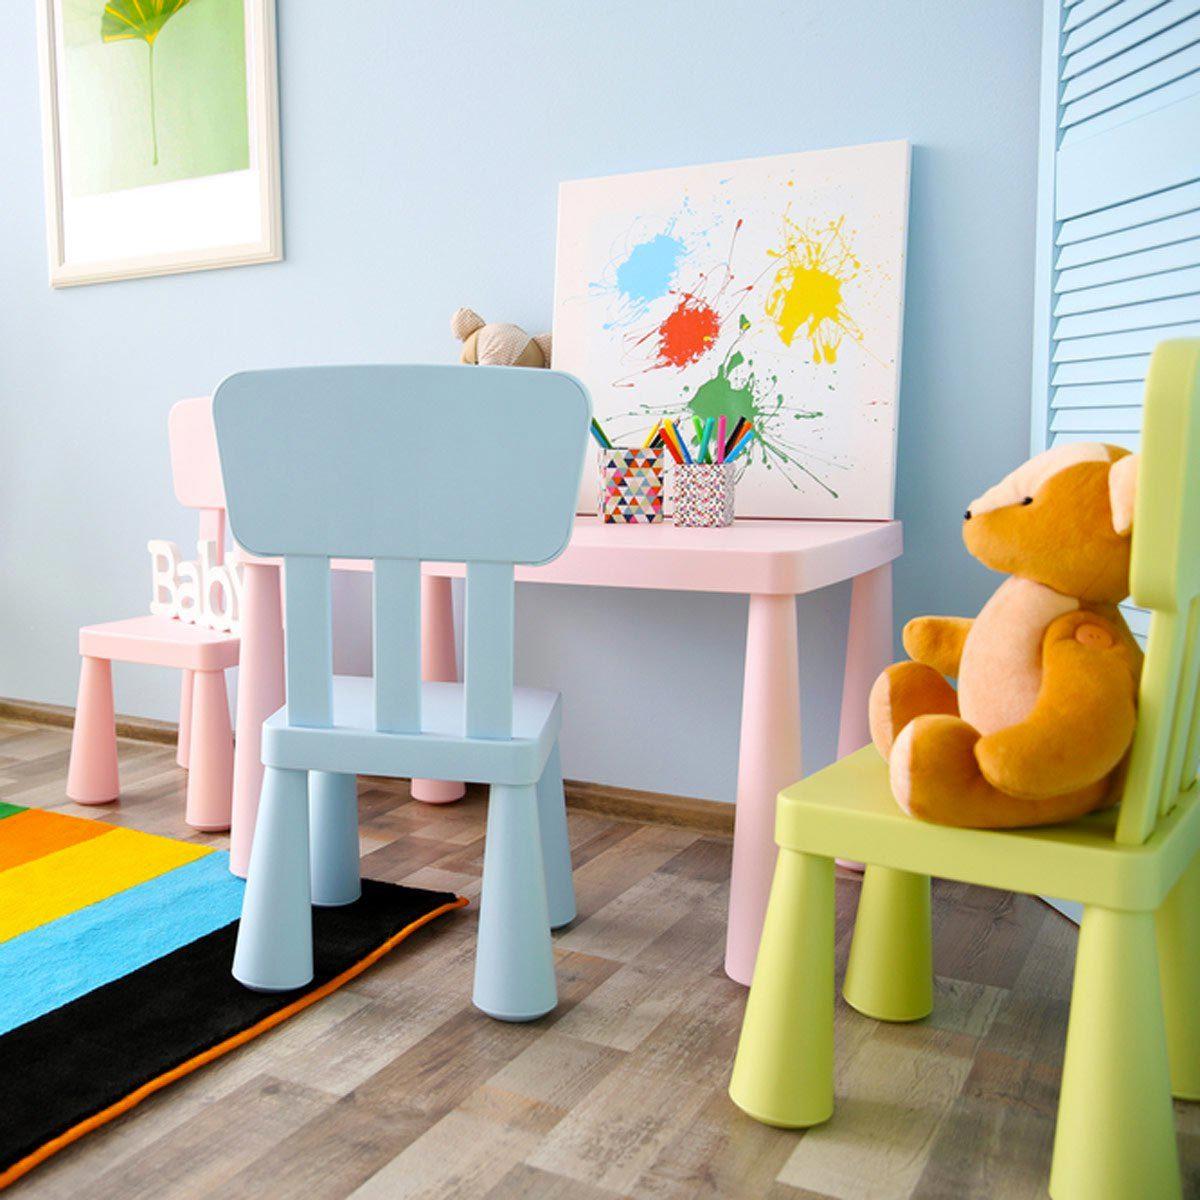 Les cambrioleurs ne fouillent pas les chambres des enfants.